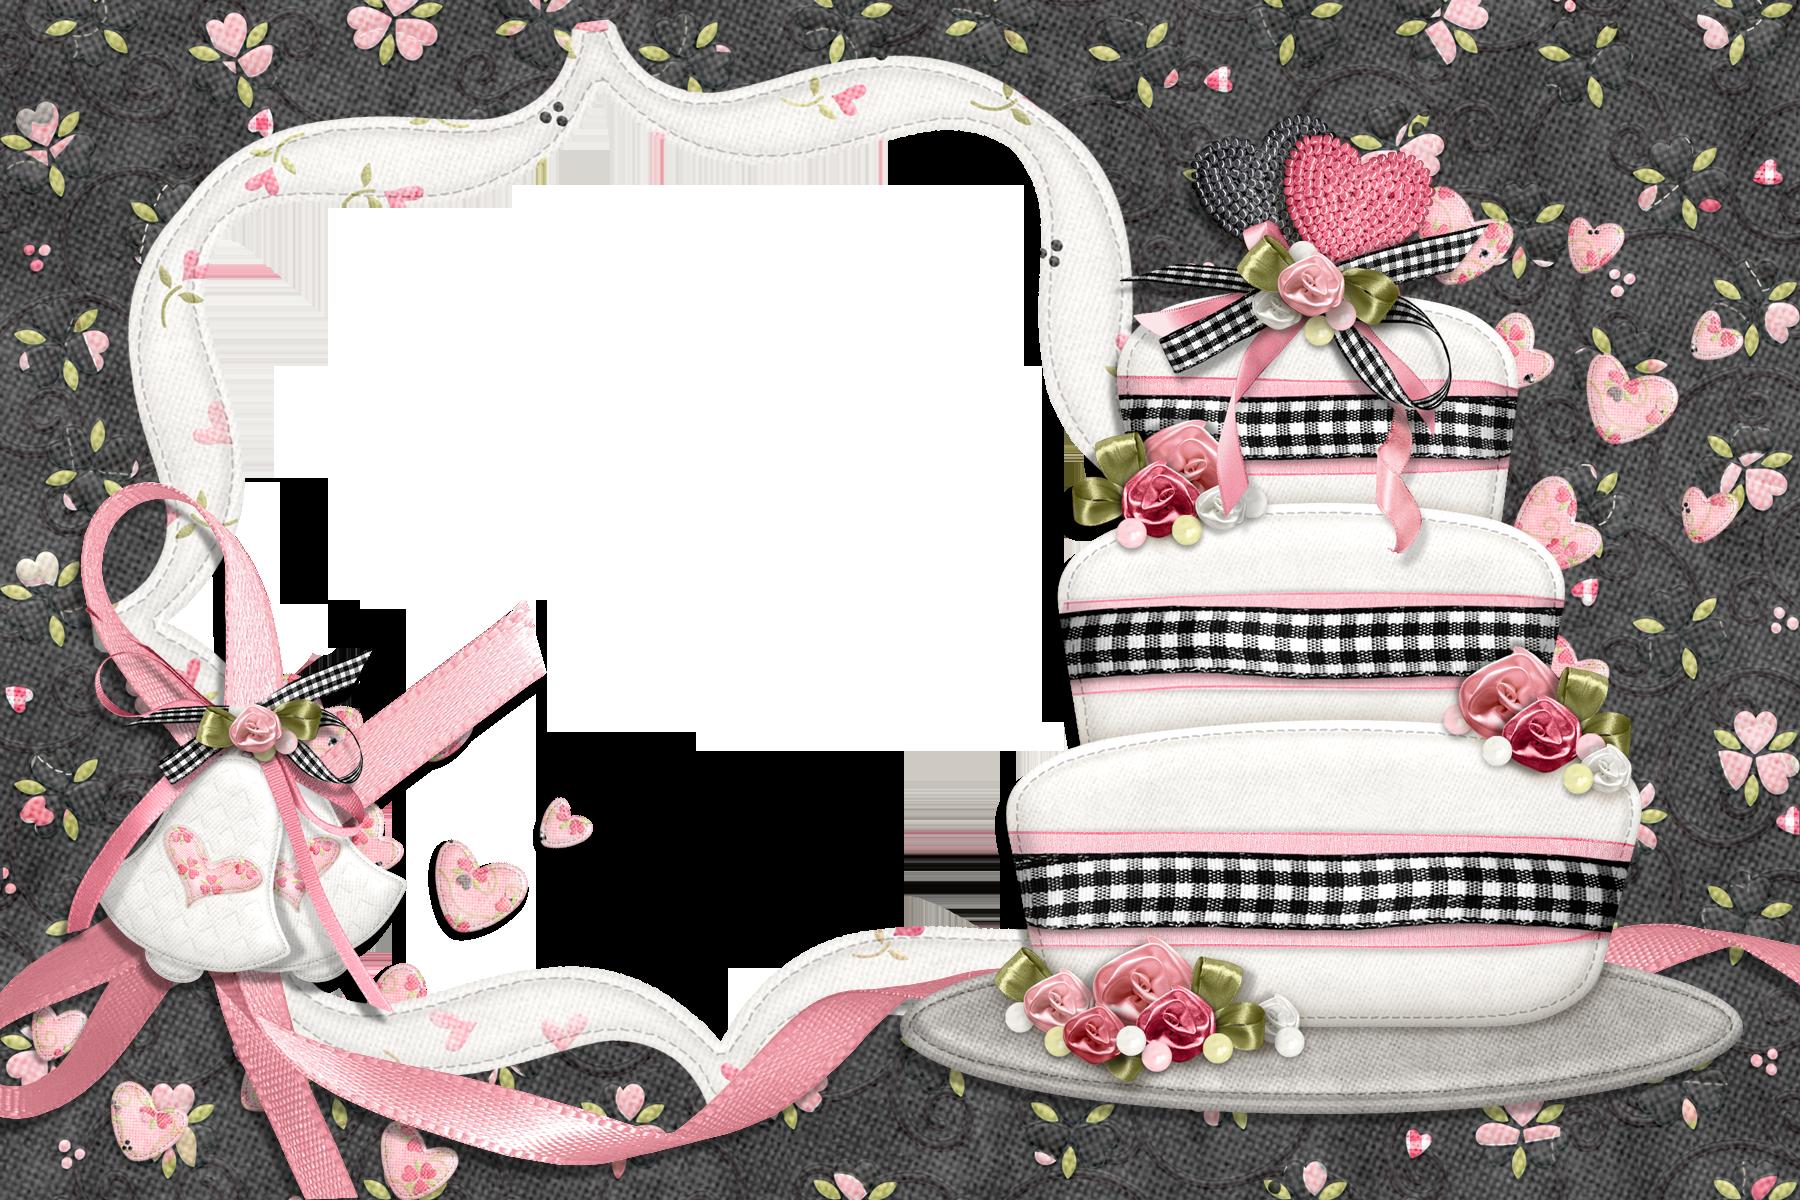 Пожелания для дня рождения распечатать